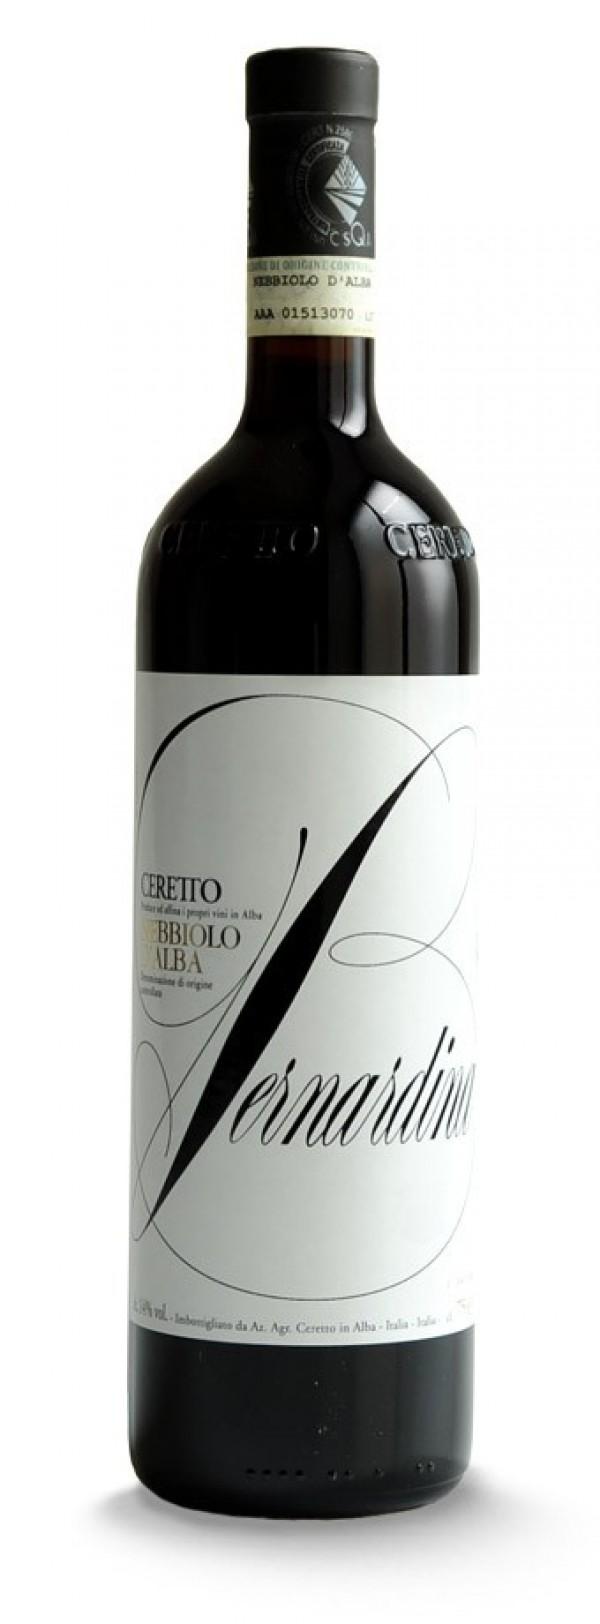 Ceretto Nebbiolo D Alba Bernadina 2011 The Wine Front